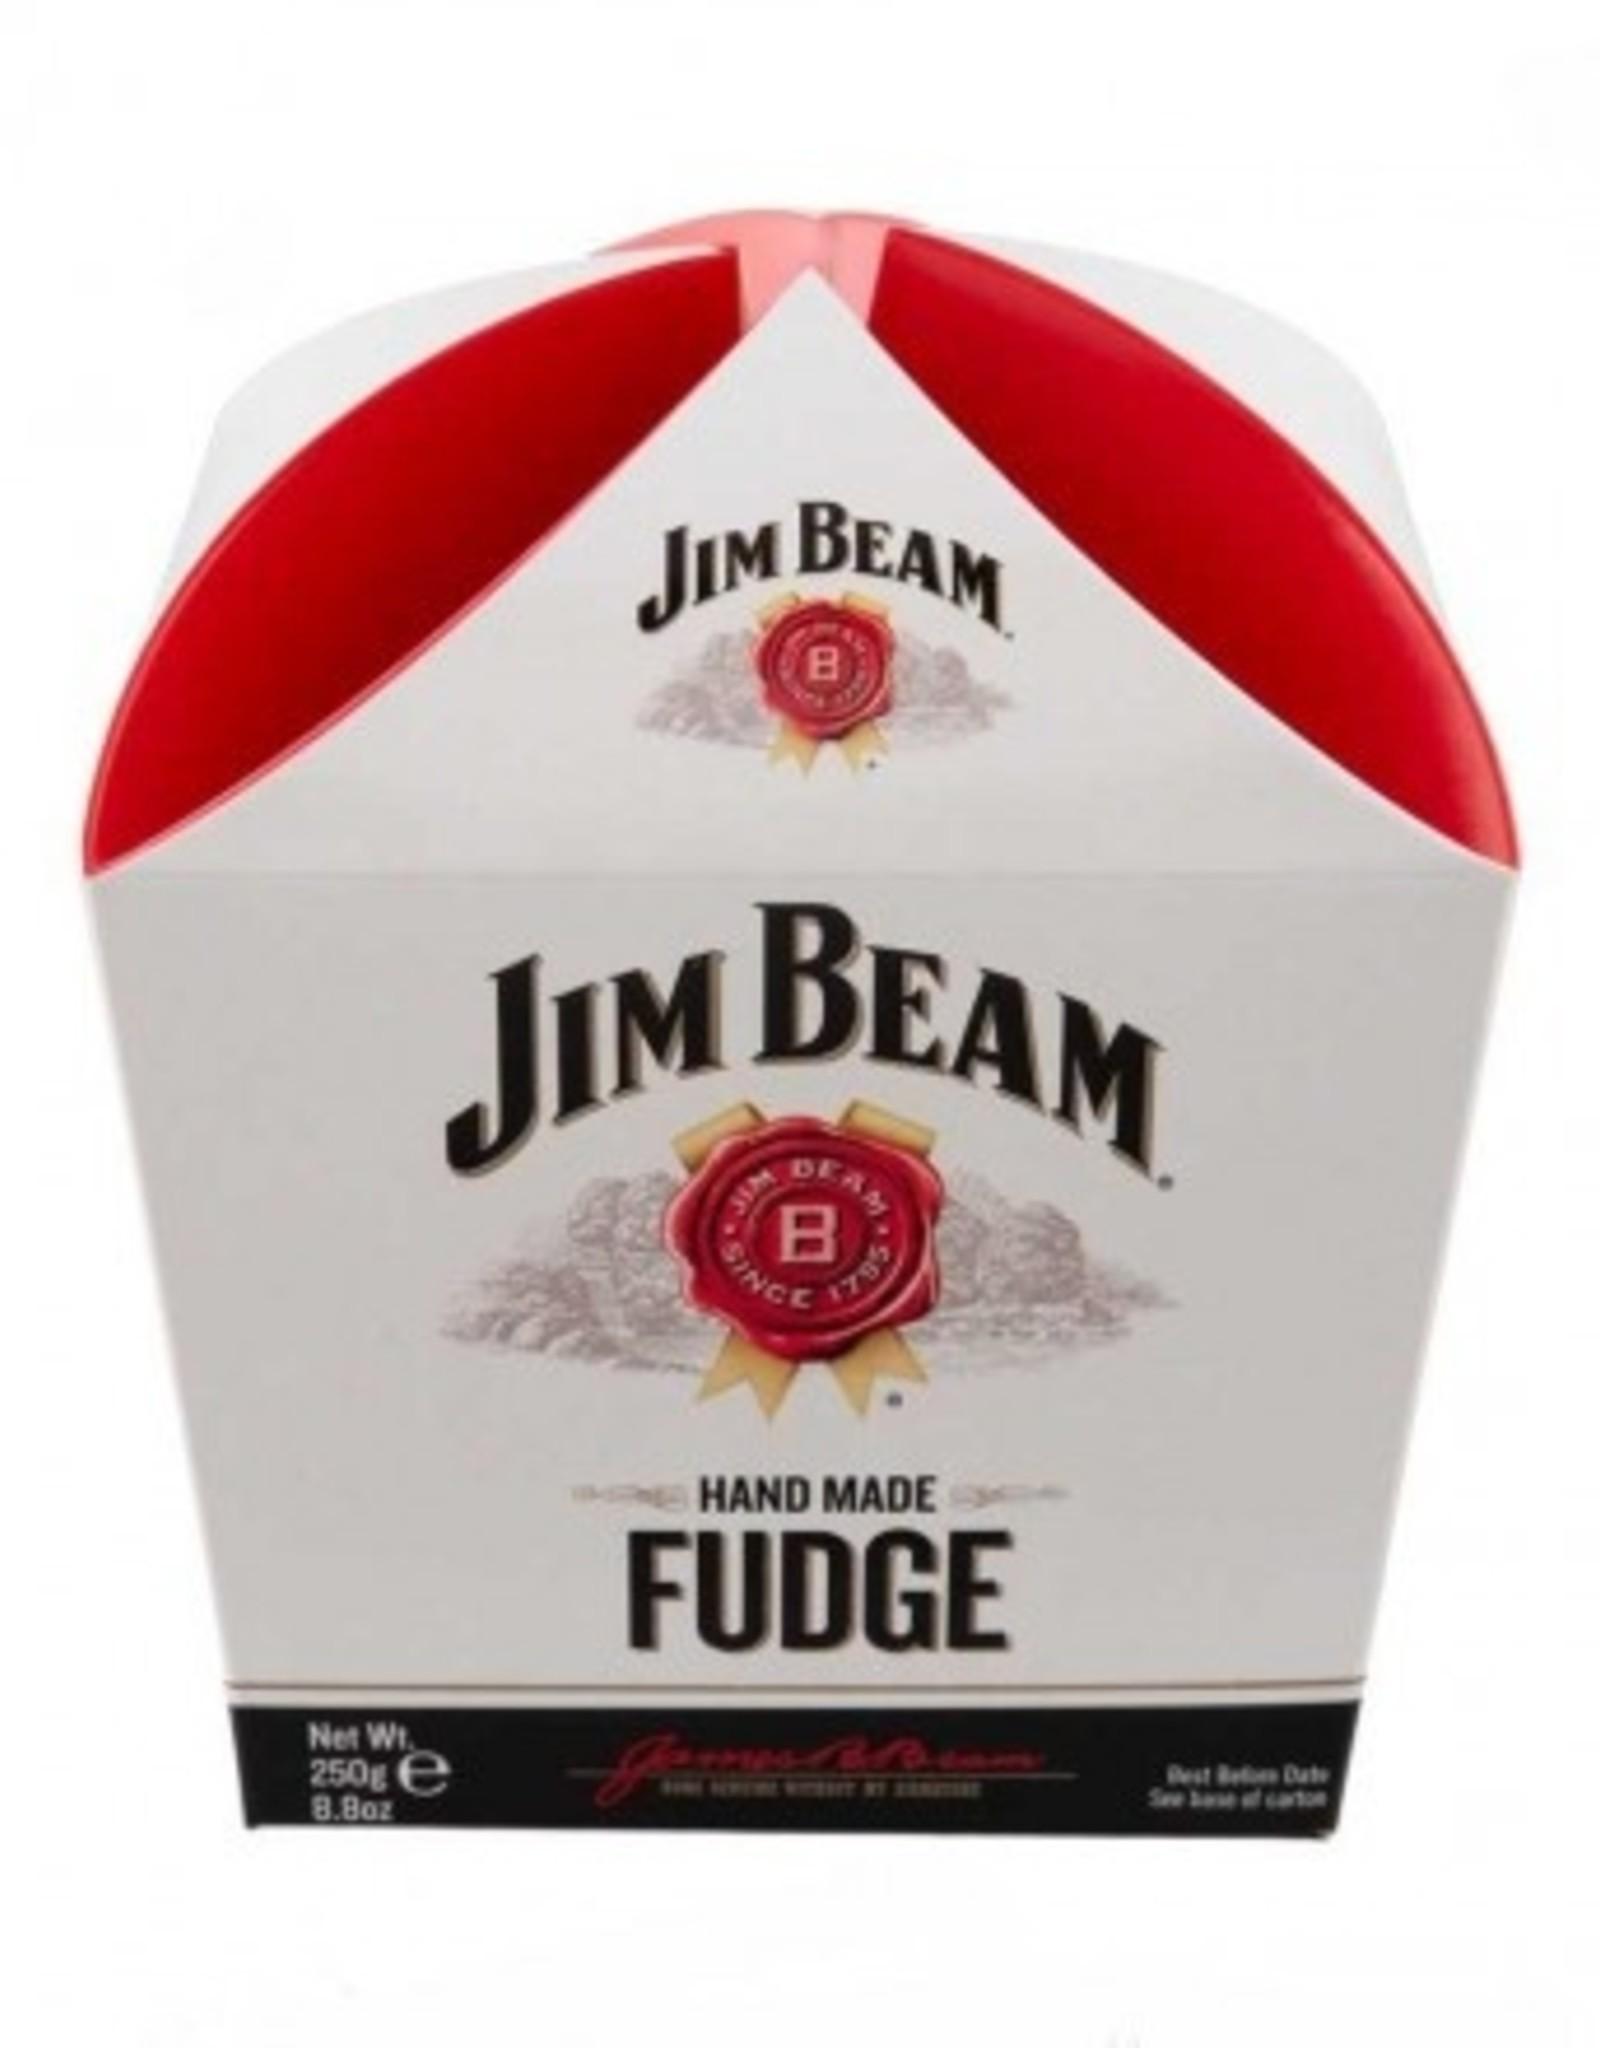 Jim beam Whiskey fudge